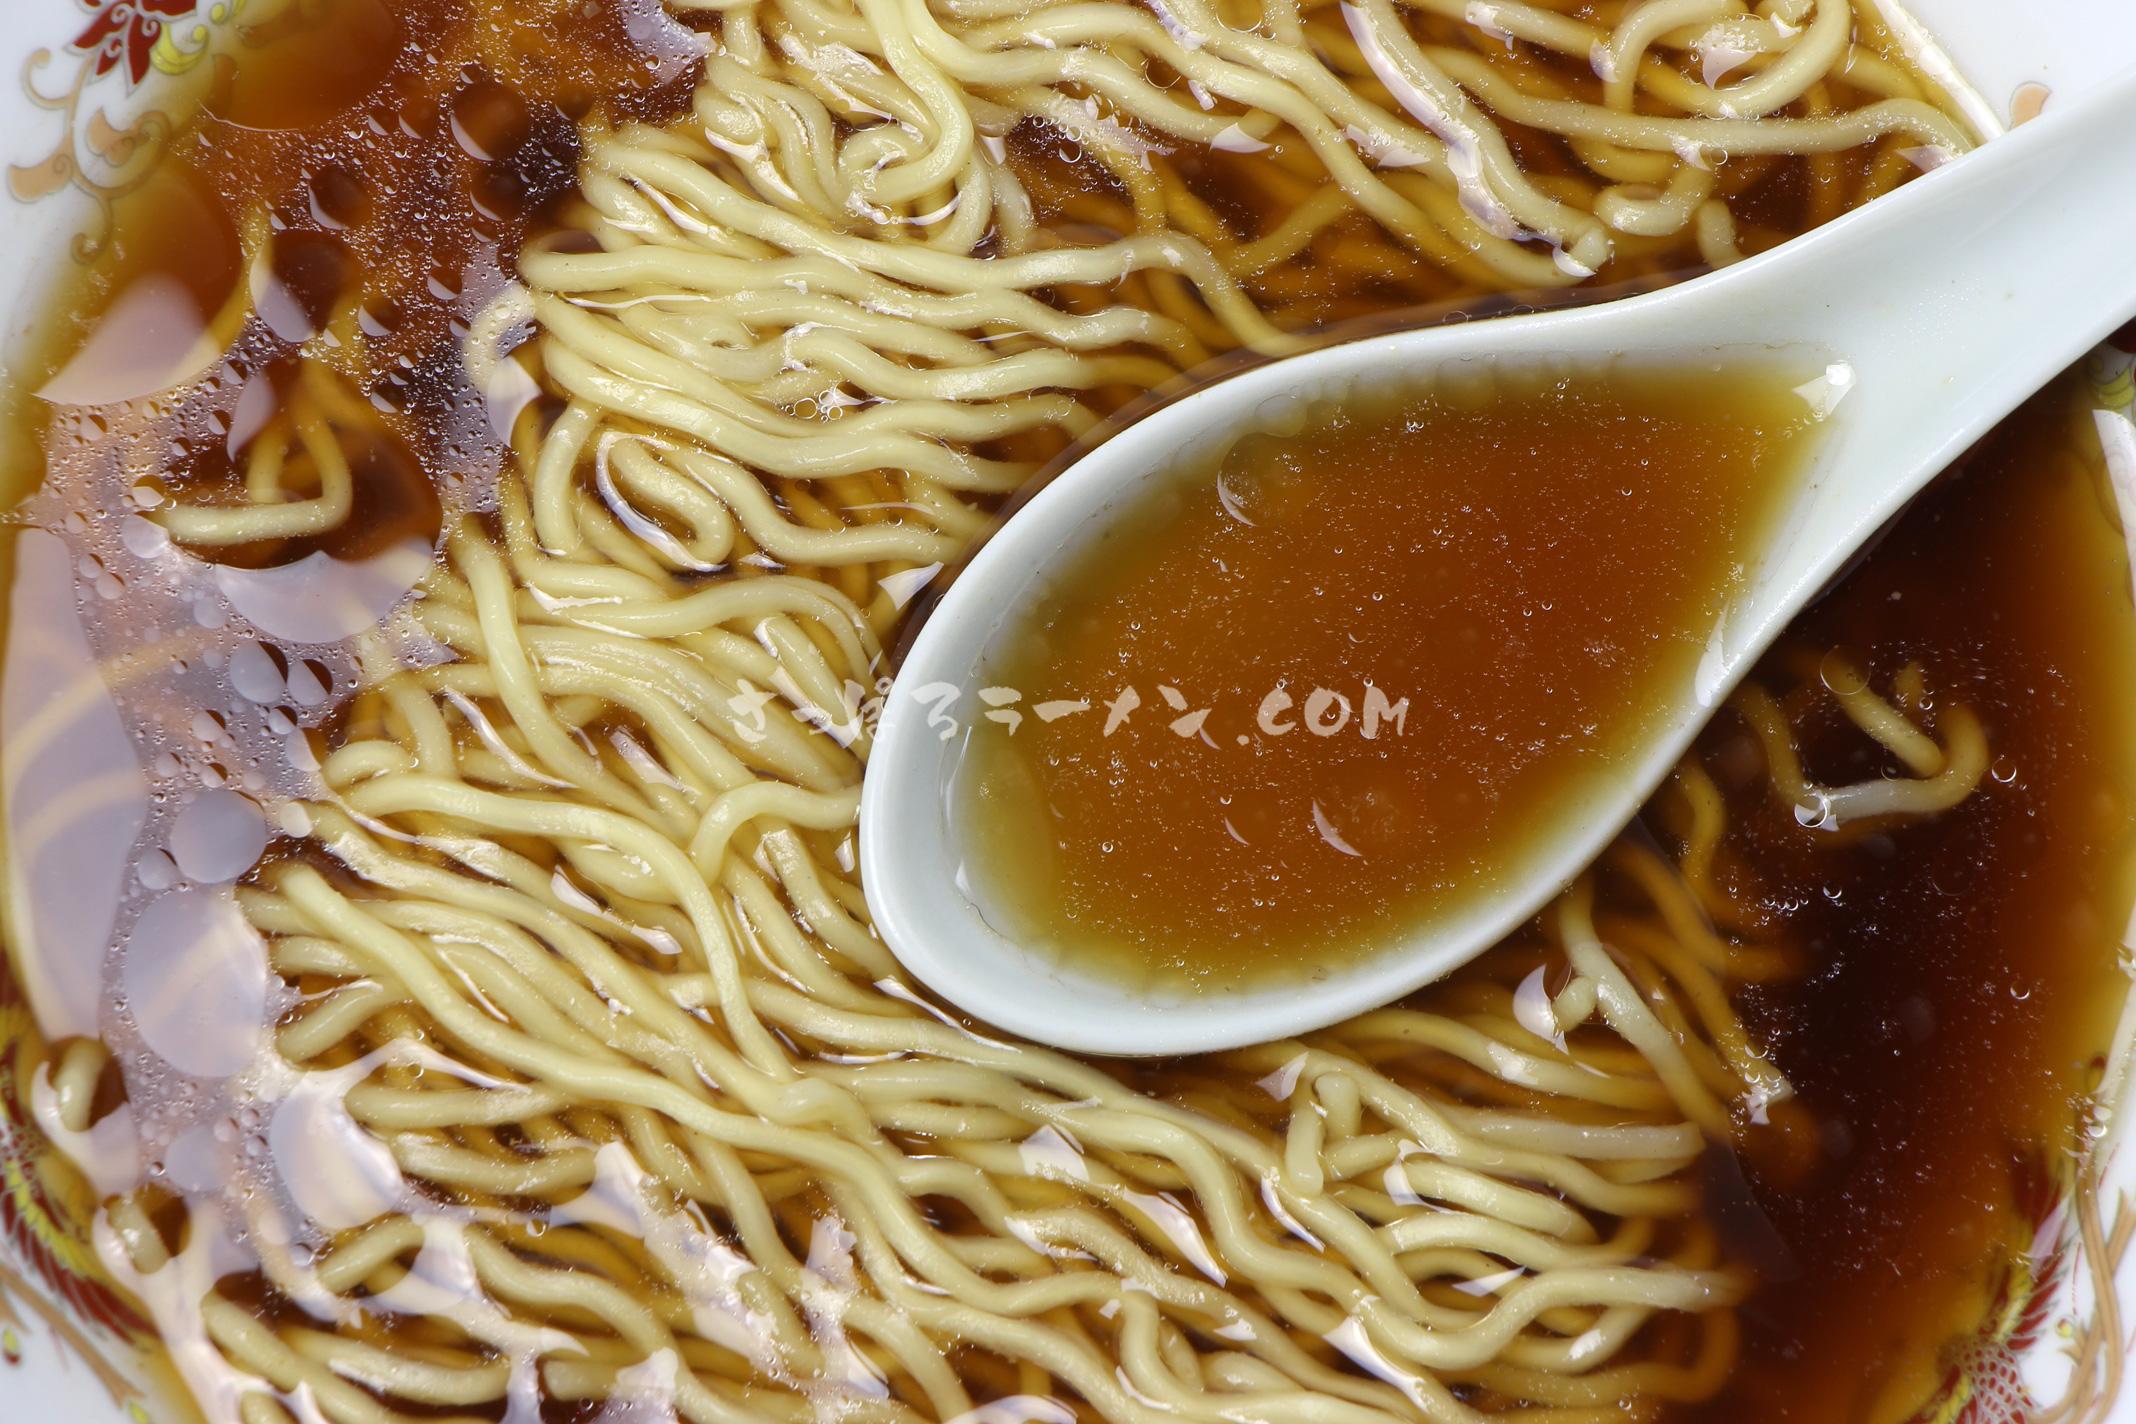 「ふらのラーメン(しょうゆ味)」(佐々木製麺所)のスープ